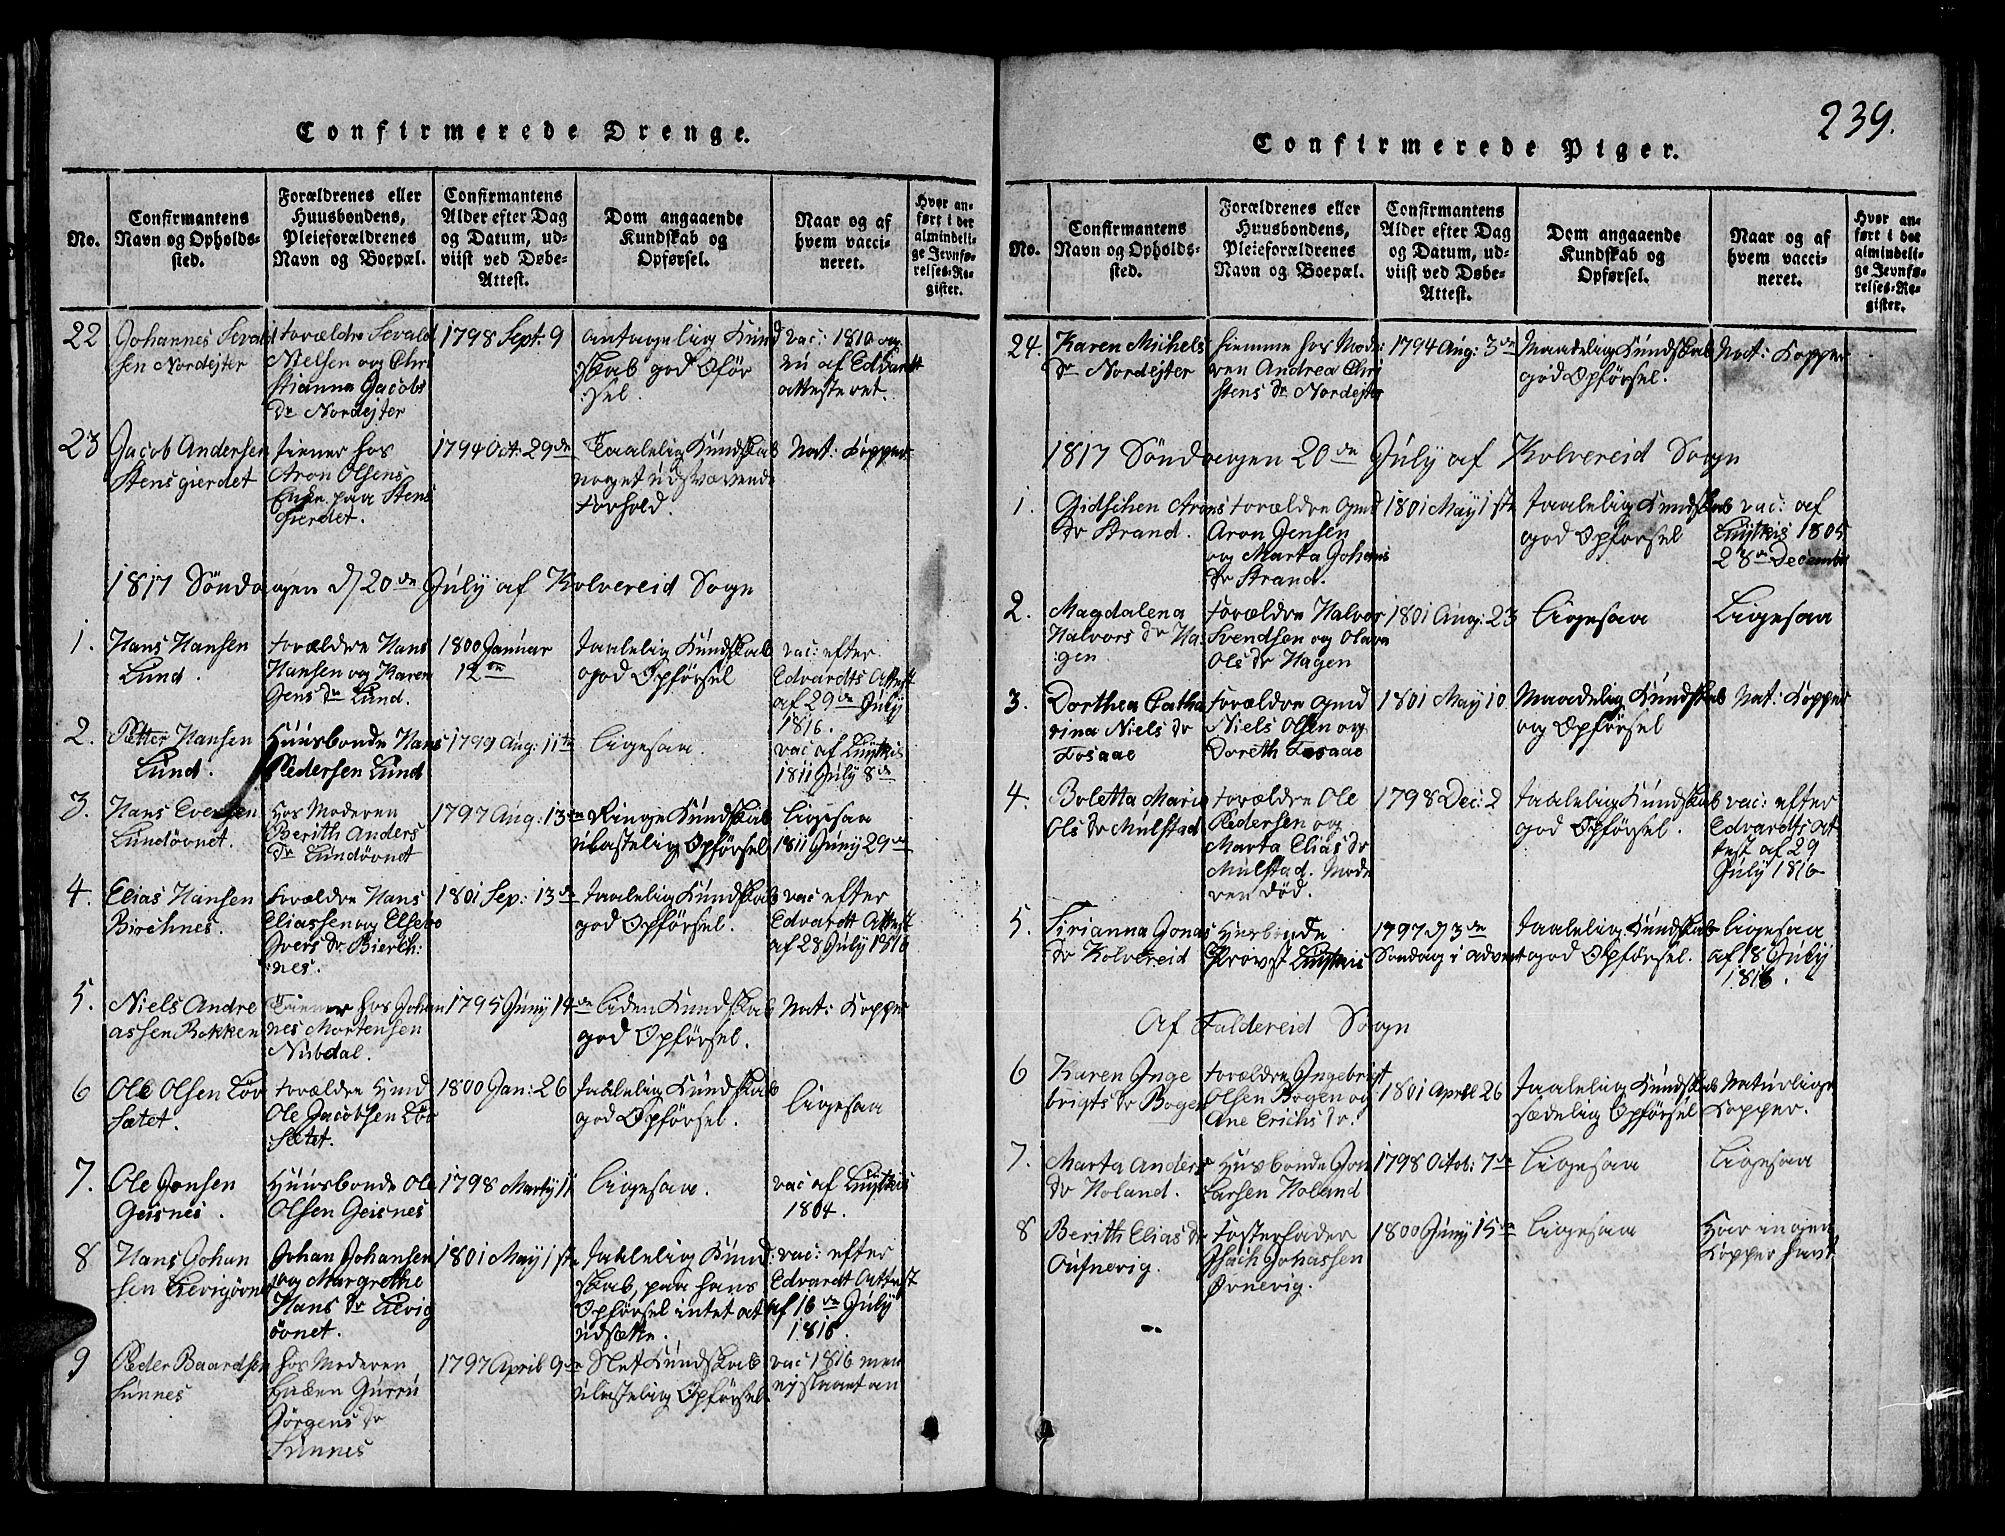 SAT, Ministerialprotokoller, klokkerbøker og fødselsregistre - Nord-Trøndelag, 780/L0648: Klokkerbok nr. 780C01 /1, 1815-1870, s. 239